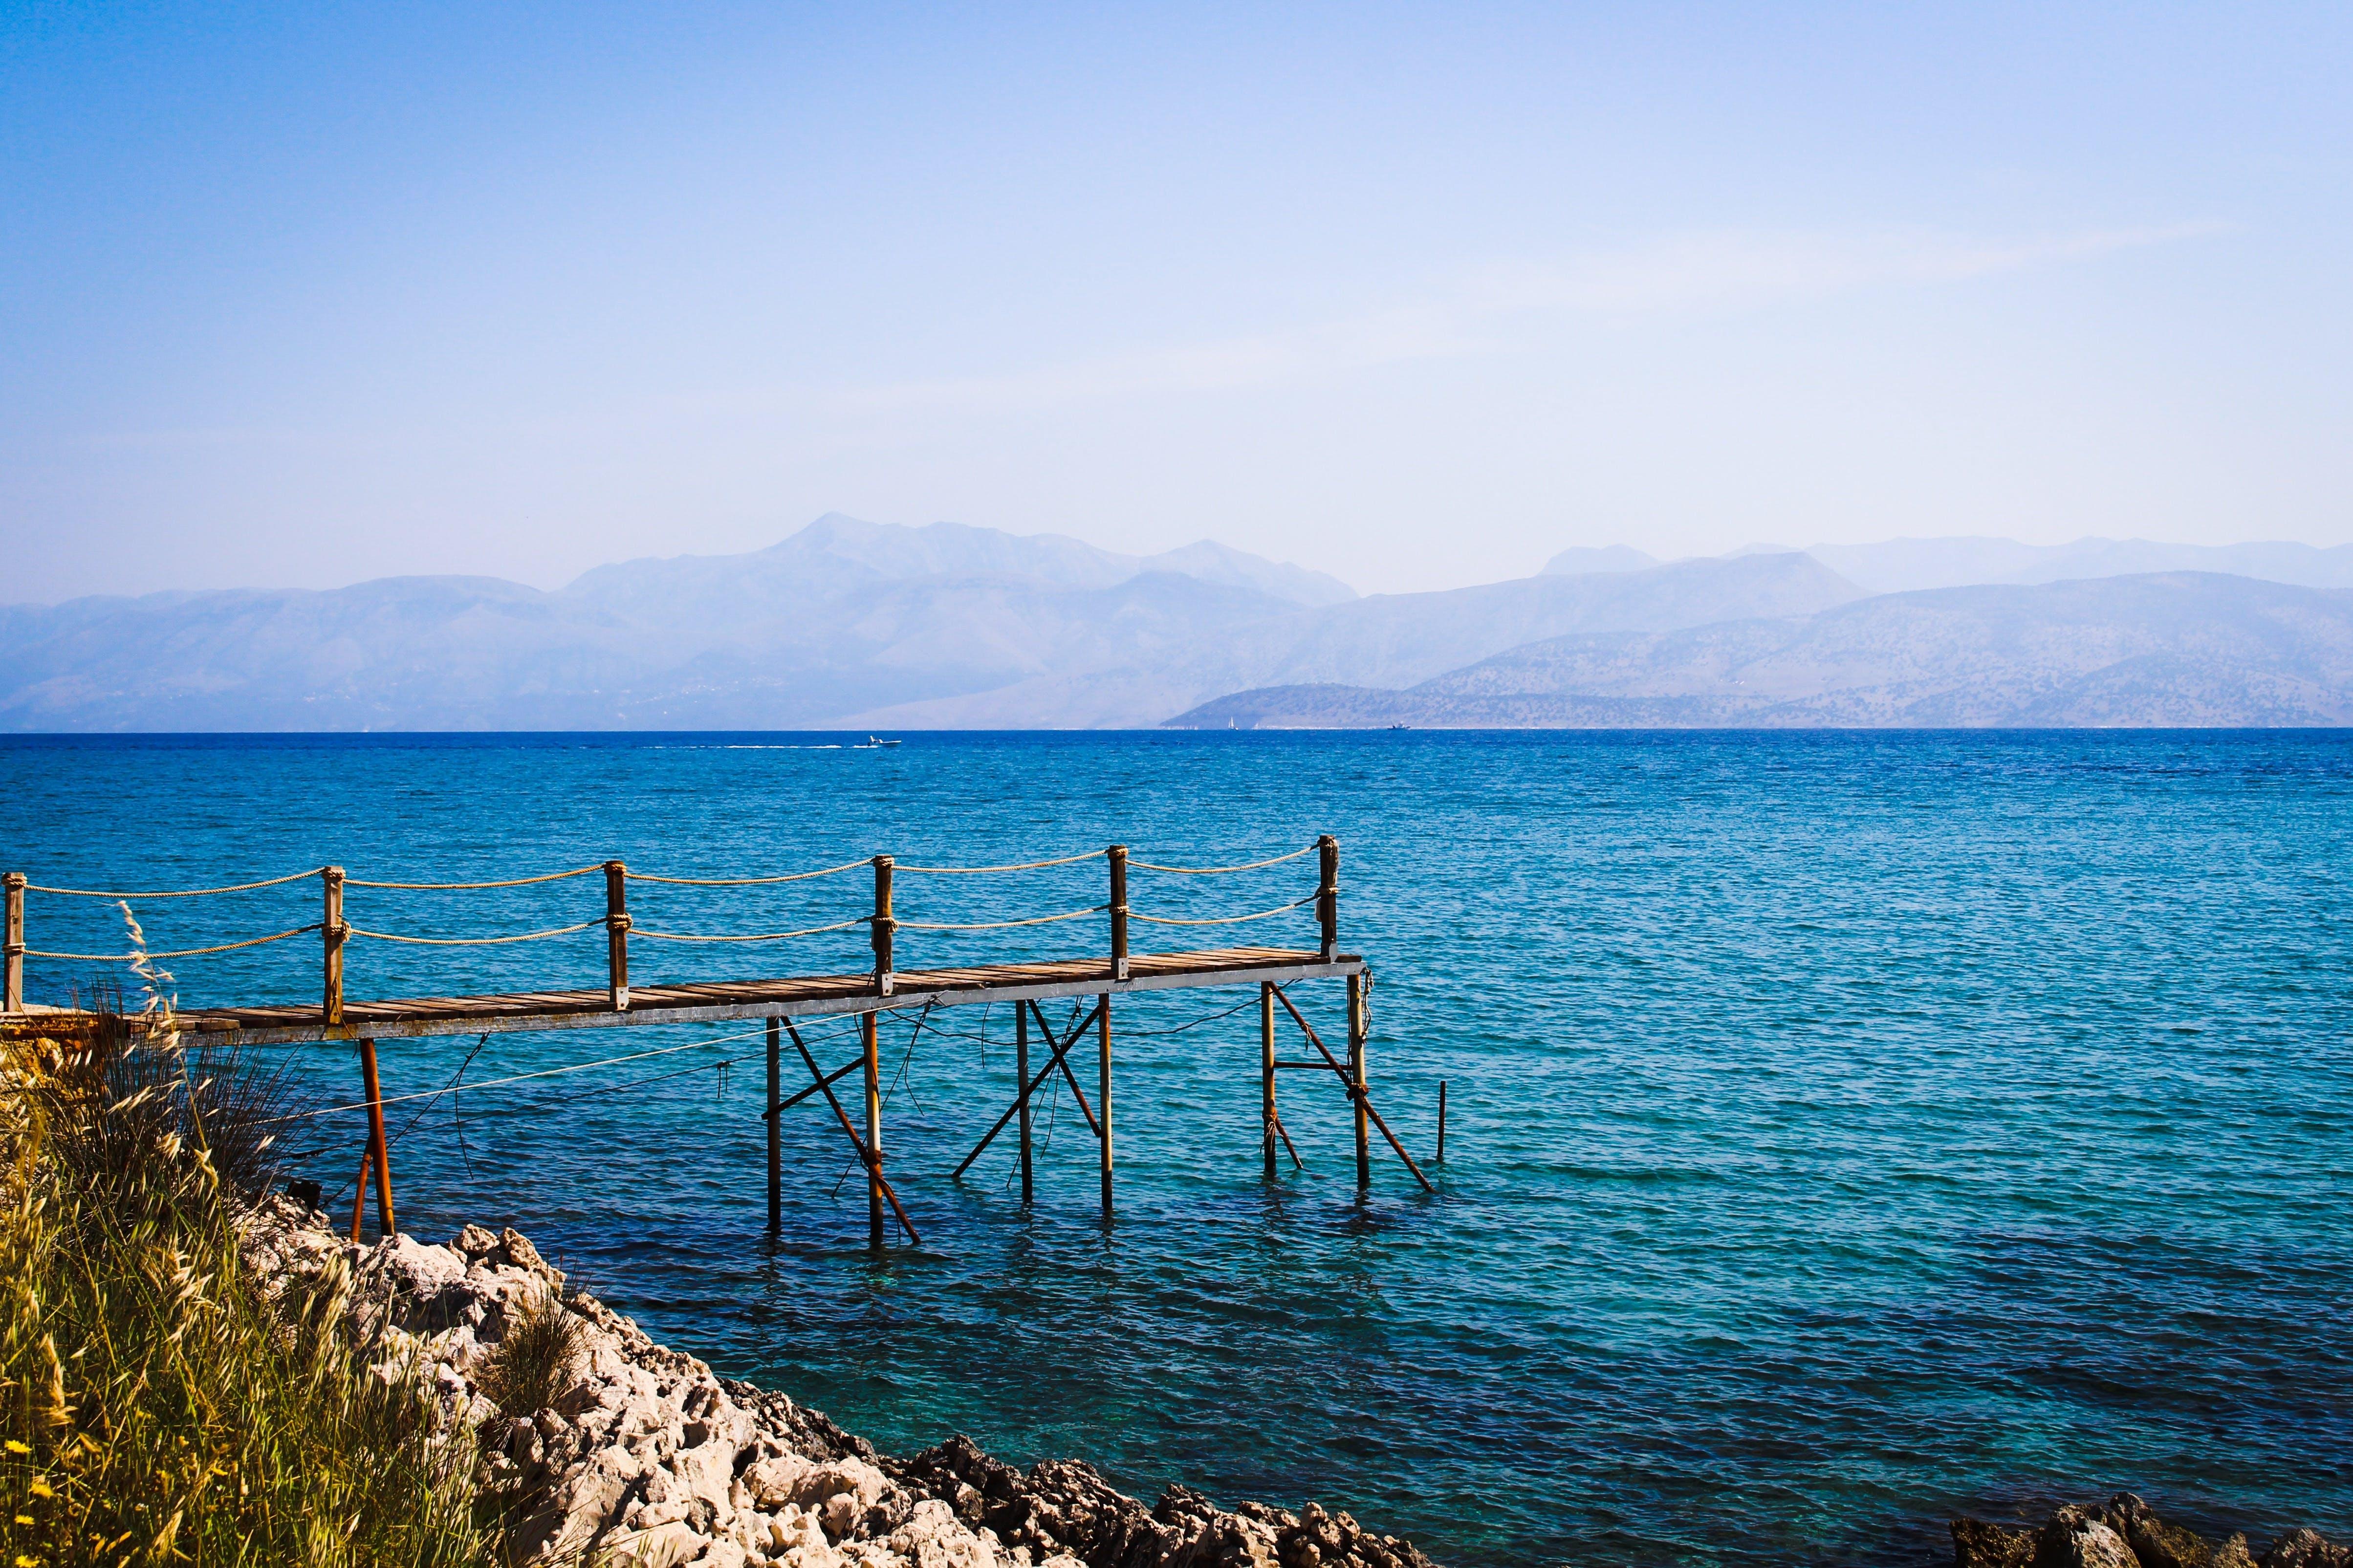 bay, beach, blue